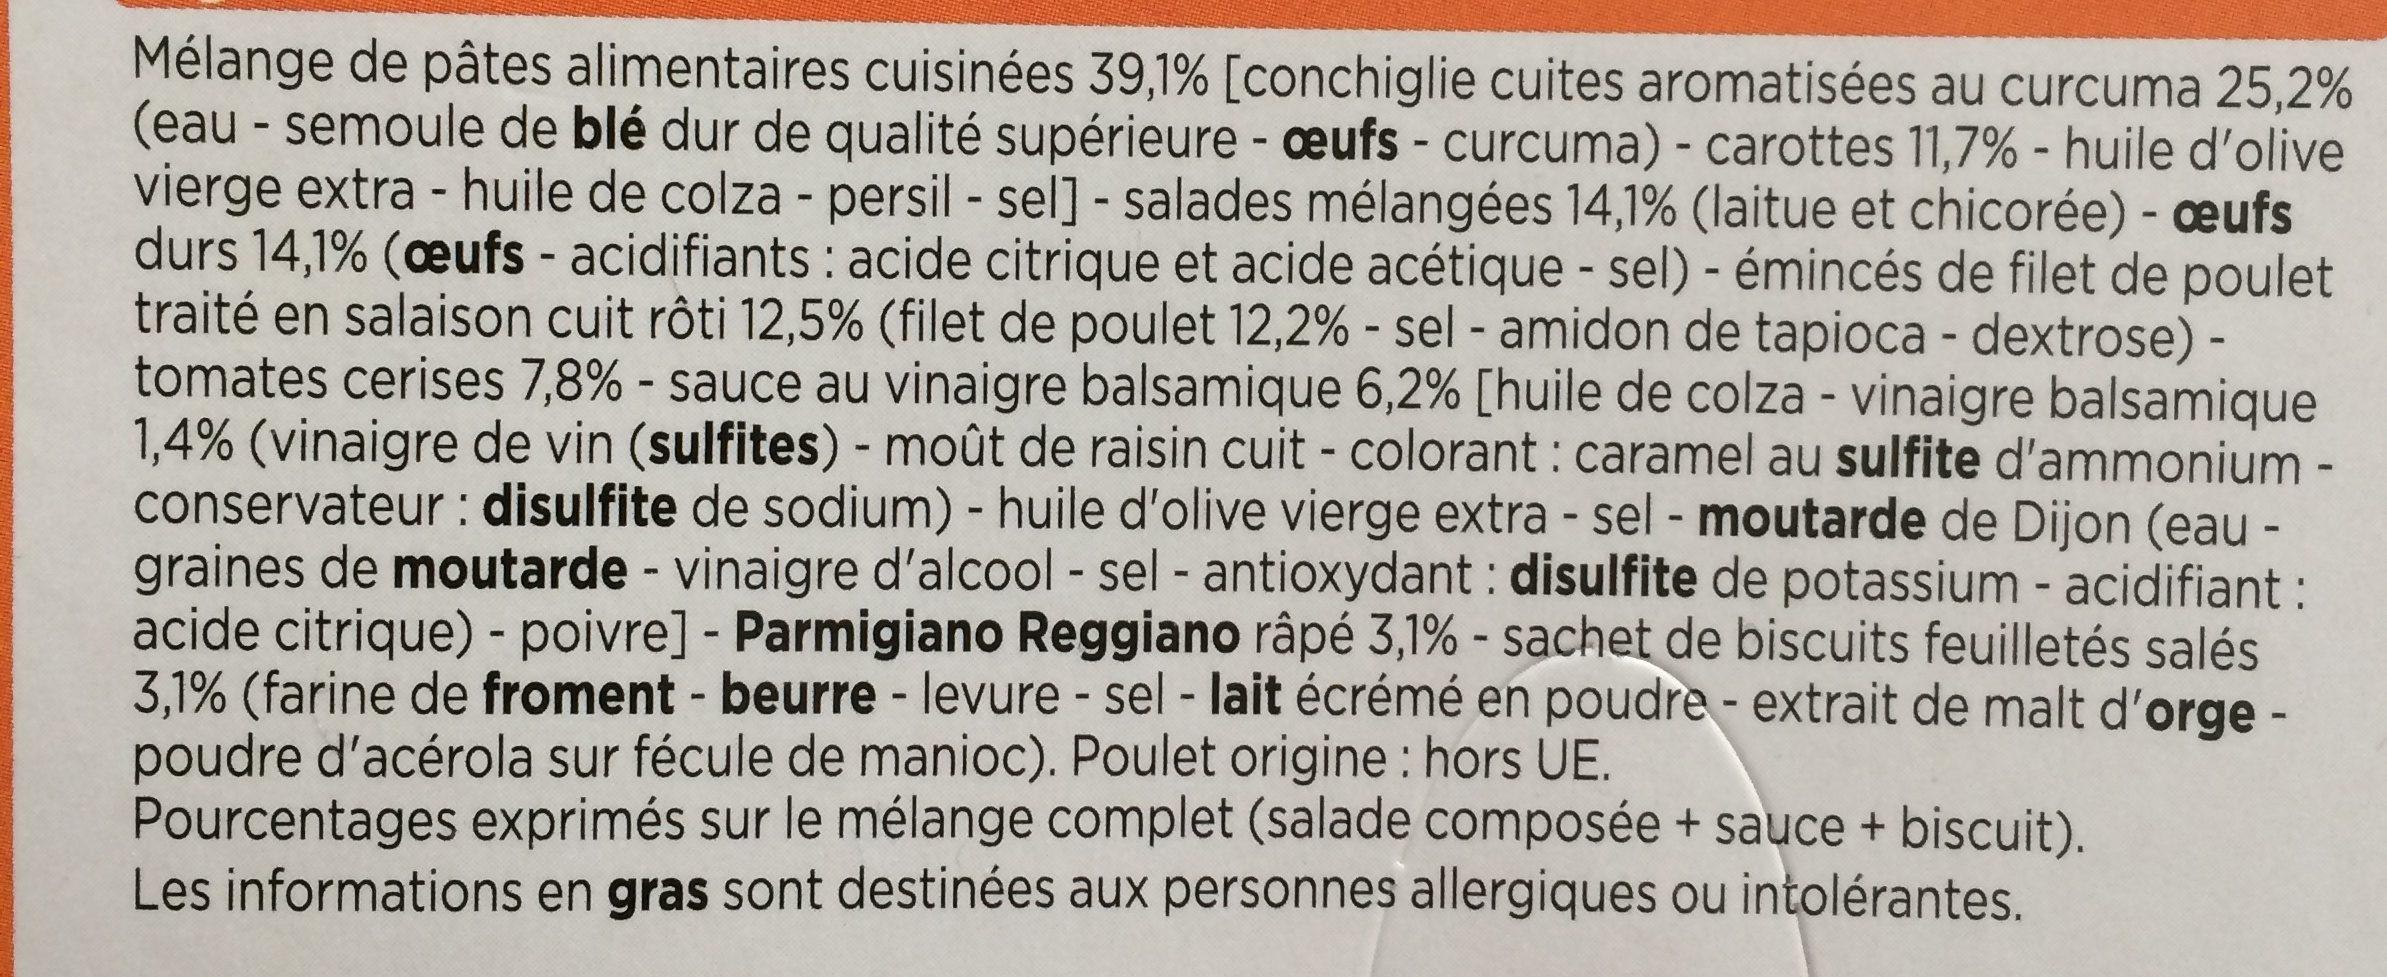 Salade Œuf, Poulet, Parmesan - Ingrédients - fr